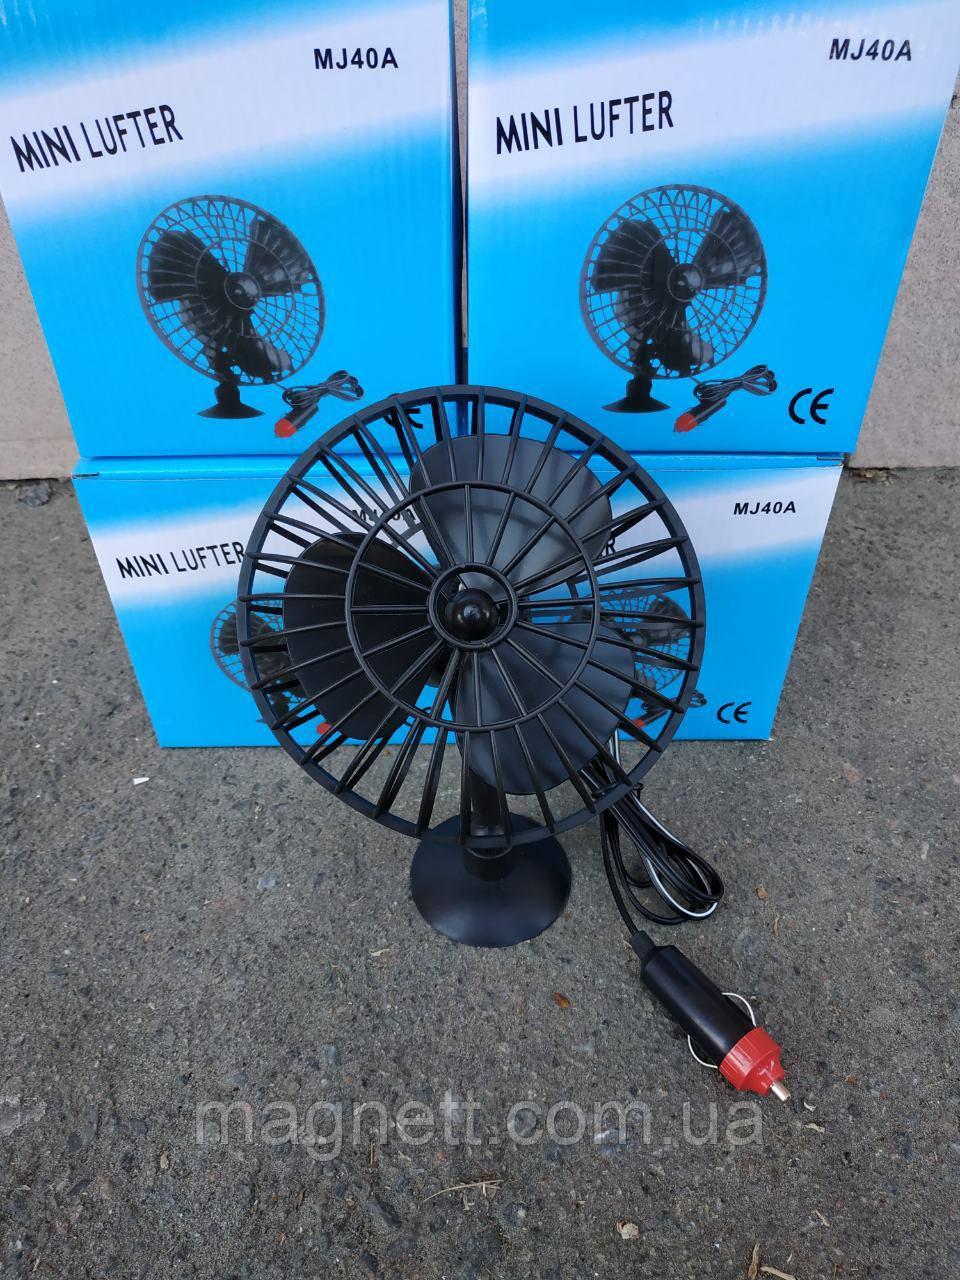 Автомобильный вентилятор на присоске MINI LUFTER MJ40A